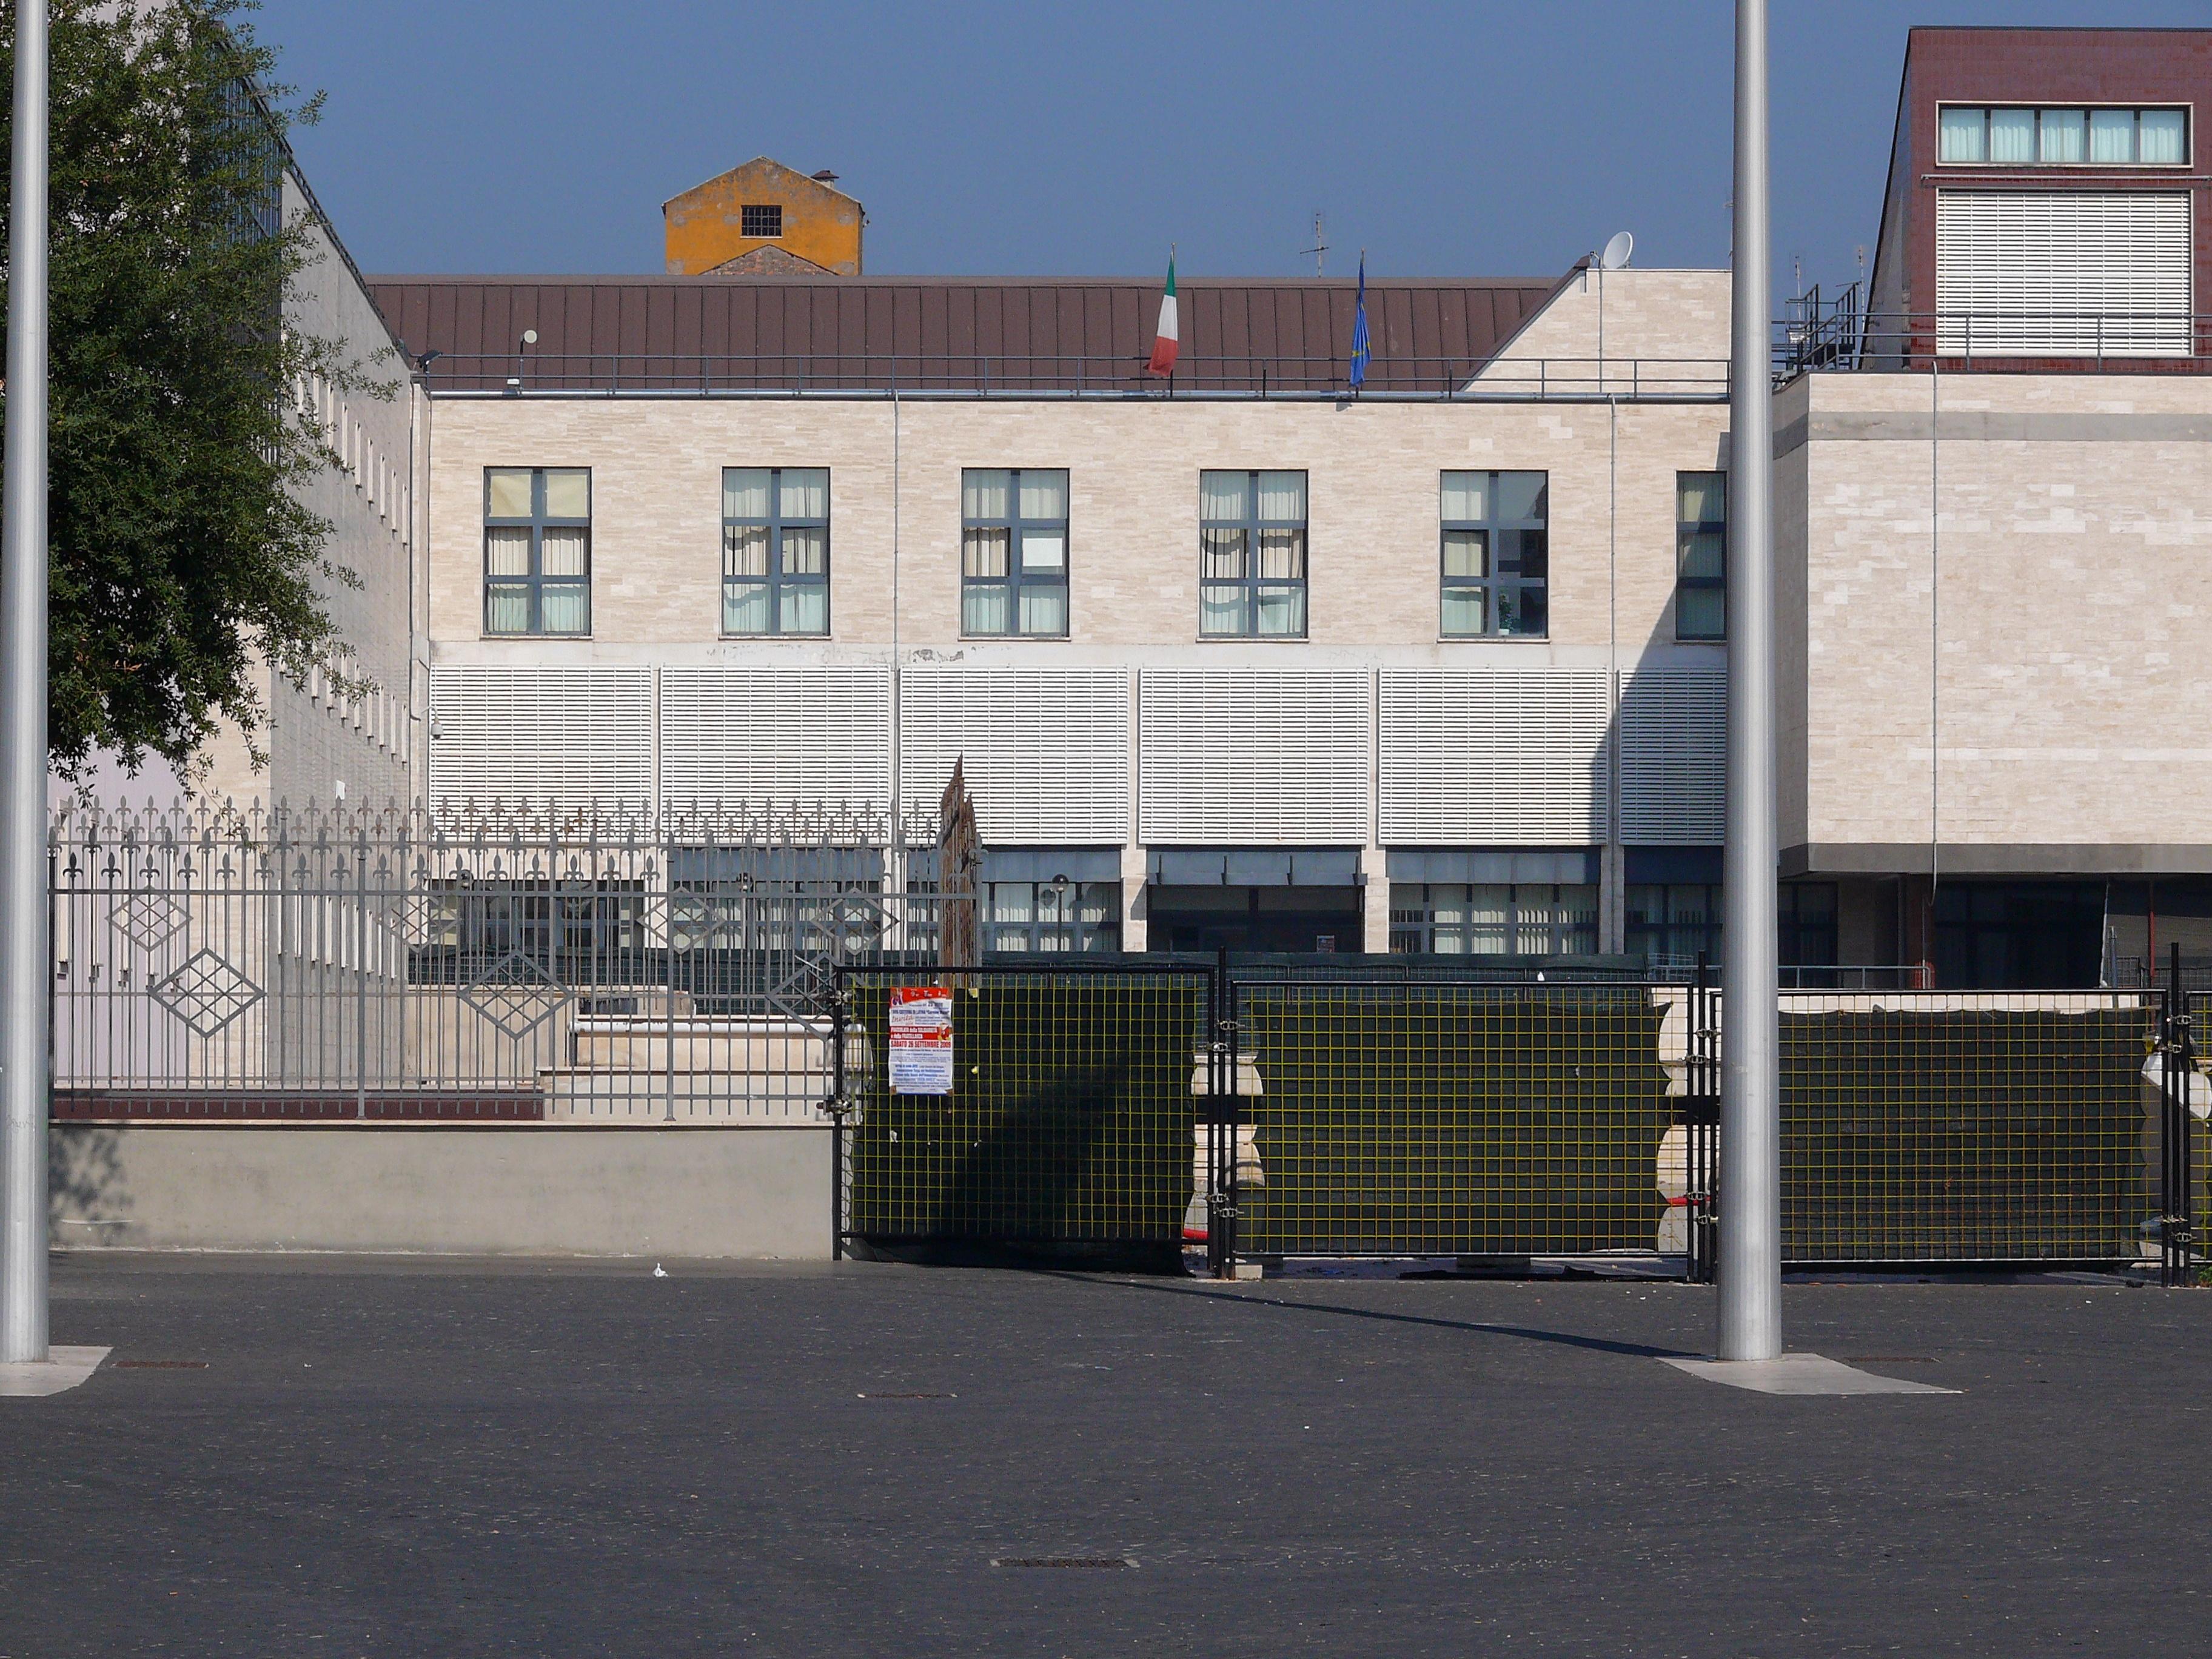 Cisterna di Latina: Palazzo dei siervizi